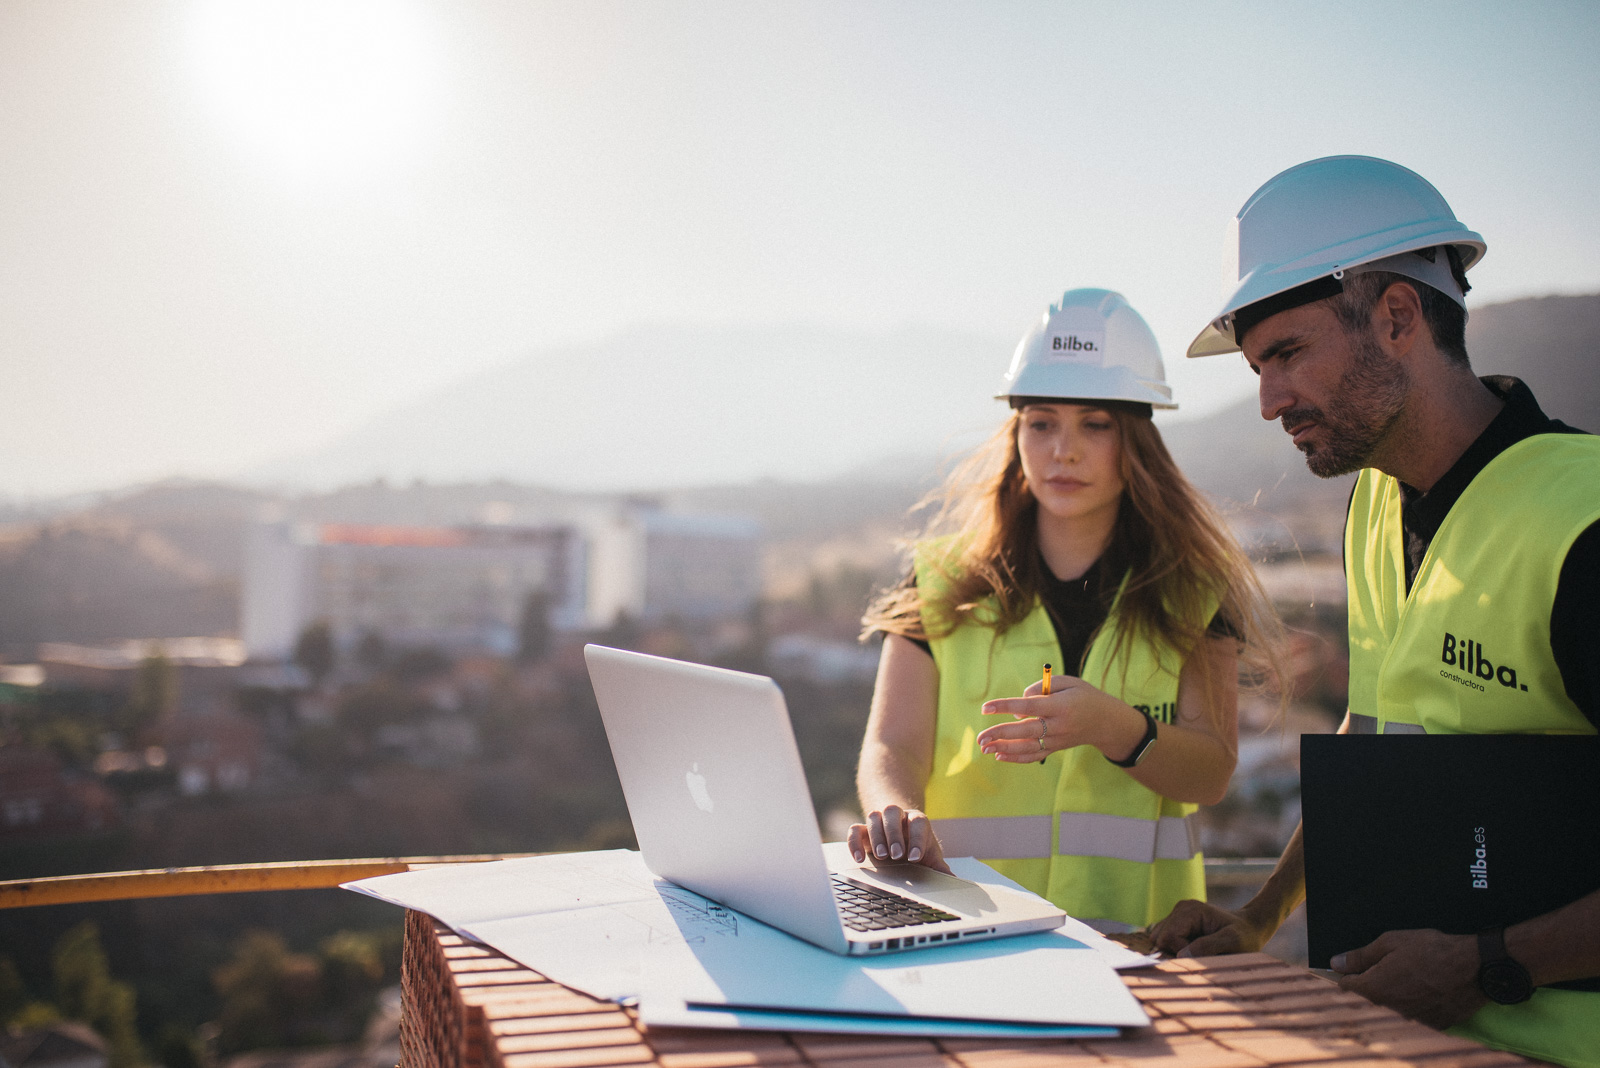 Fotografía corporativa para la constructora de Malaga y Marbella BILBA